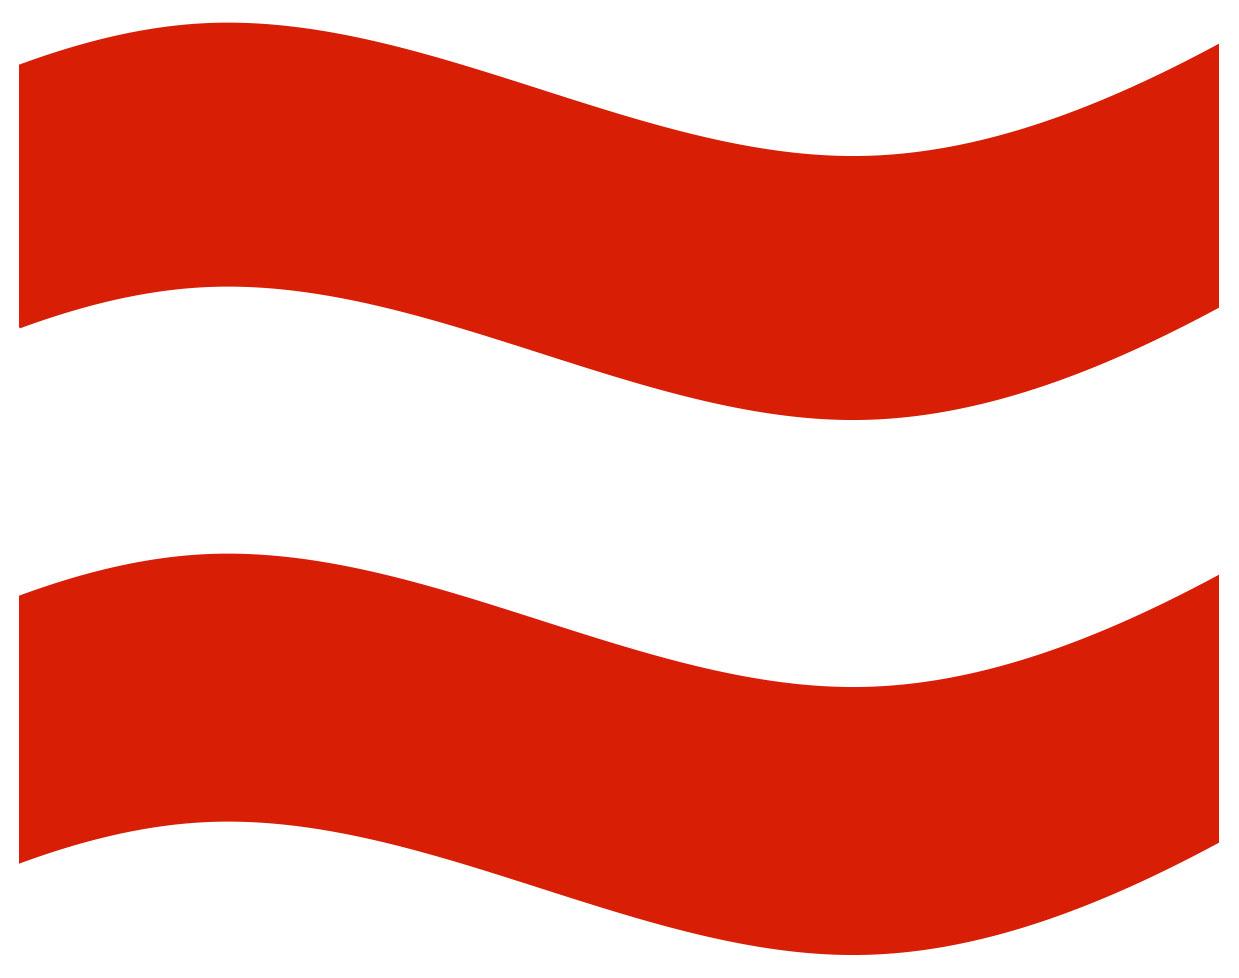 Flagsflaggenfreedownload